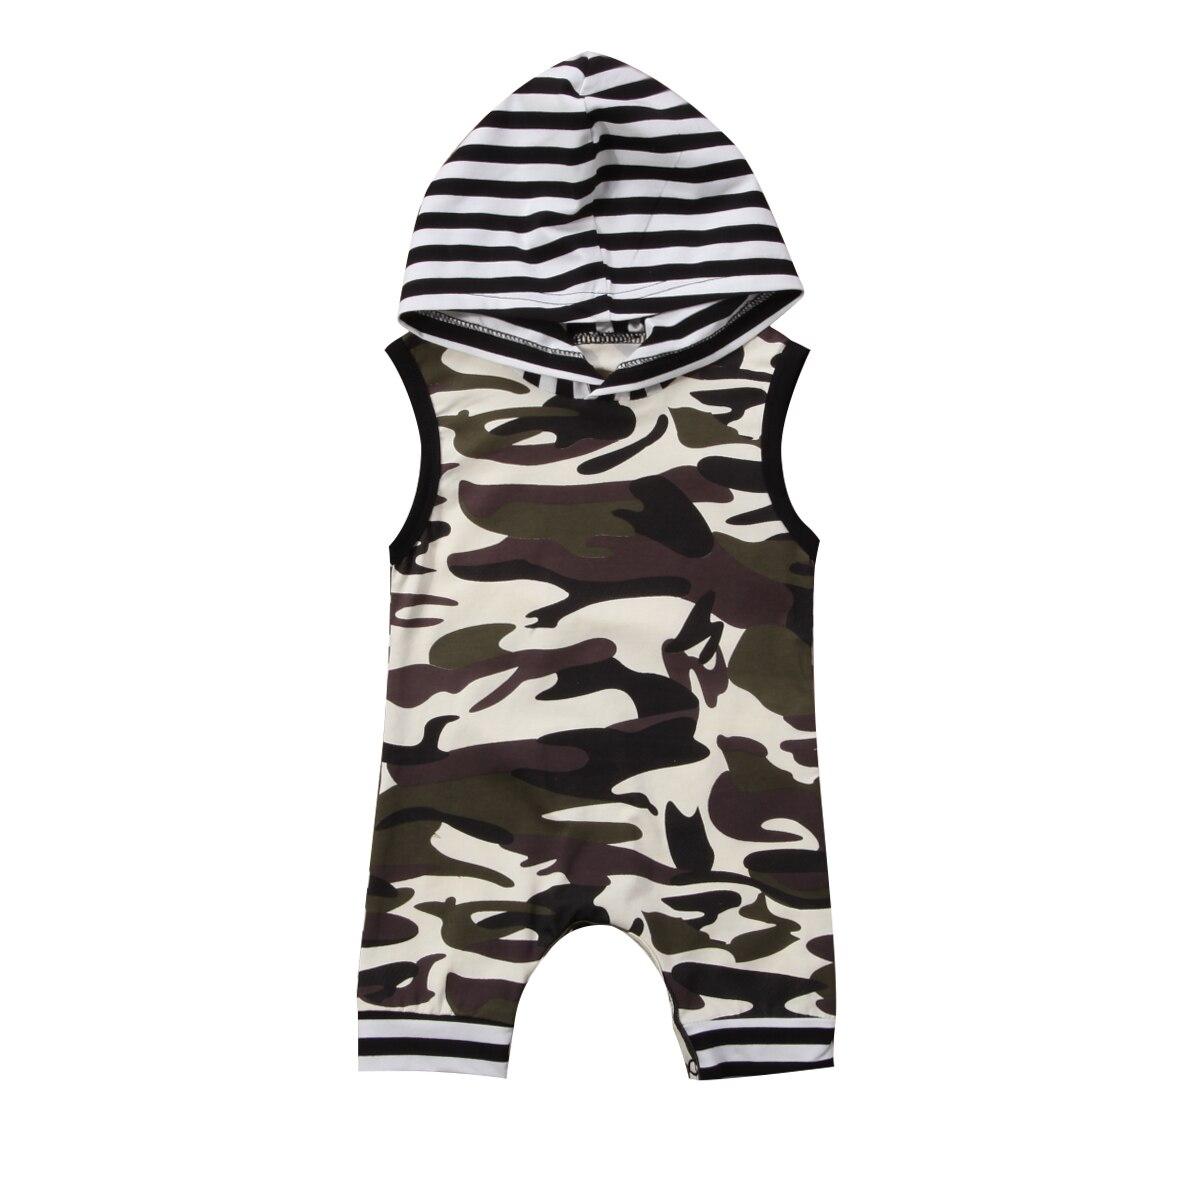 Одежда для малышей Дети Обувь для мальчиков с капюшоном для малышей комбинезон хлопковая одежда Наборы для ухода за кожей